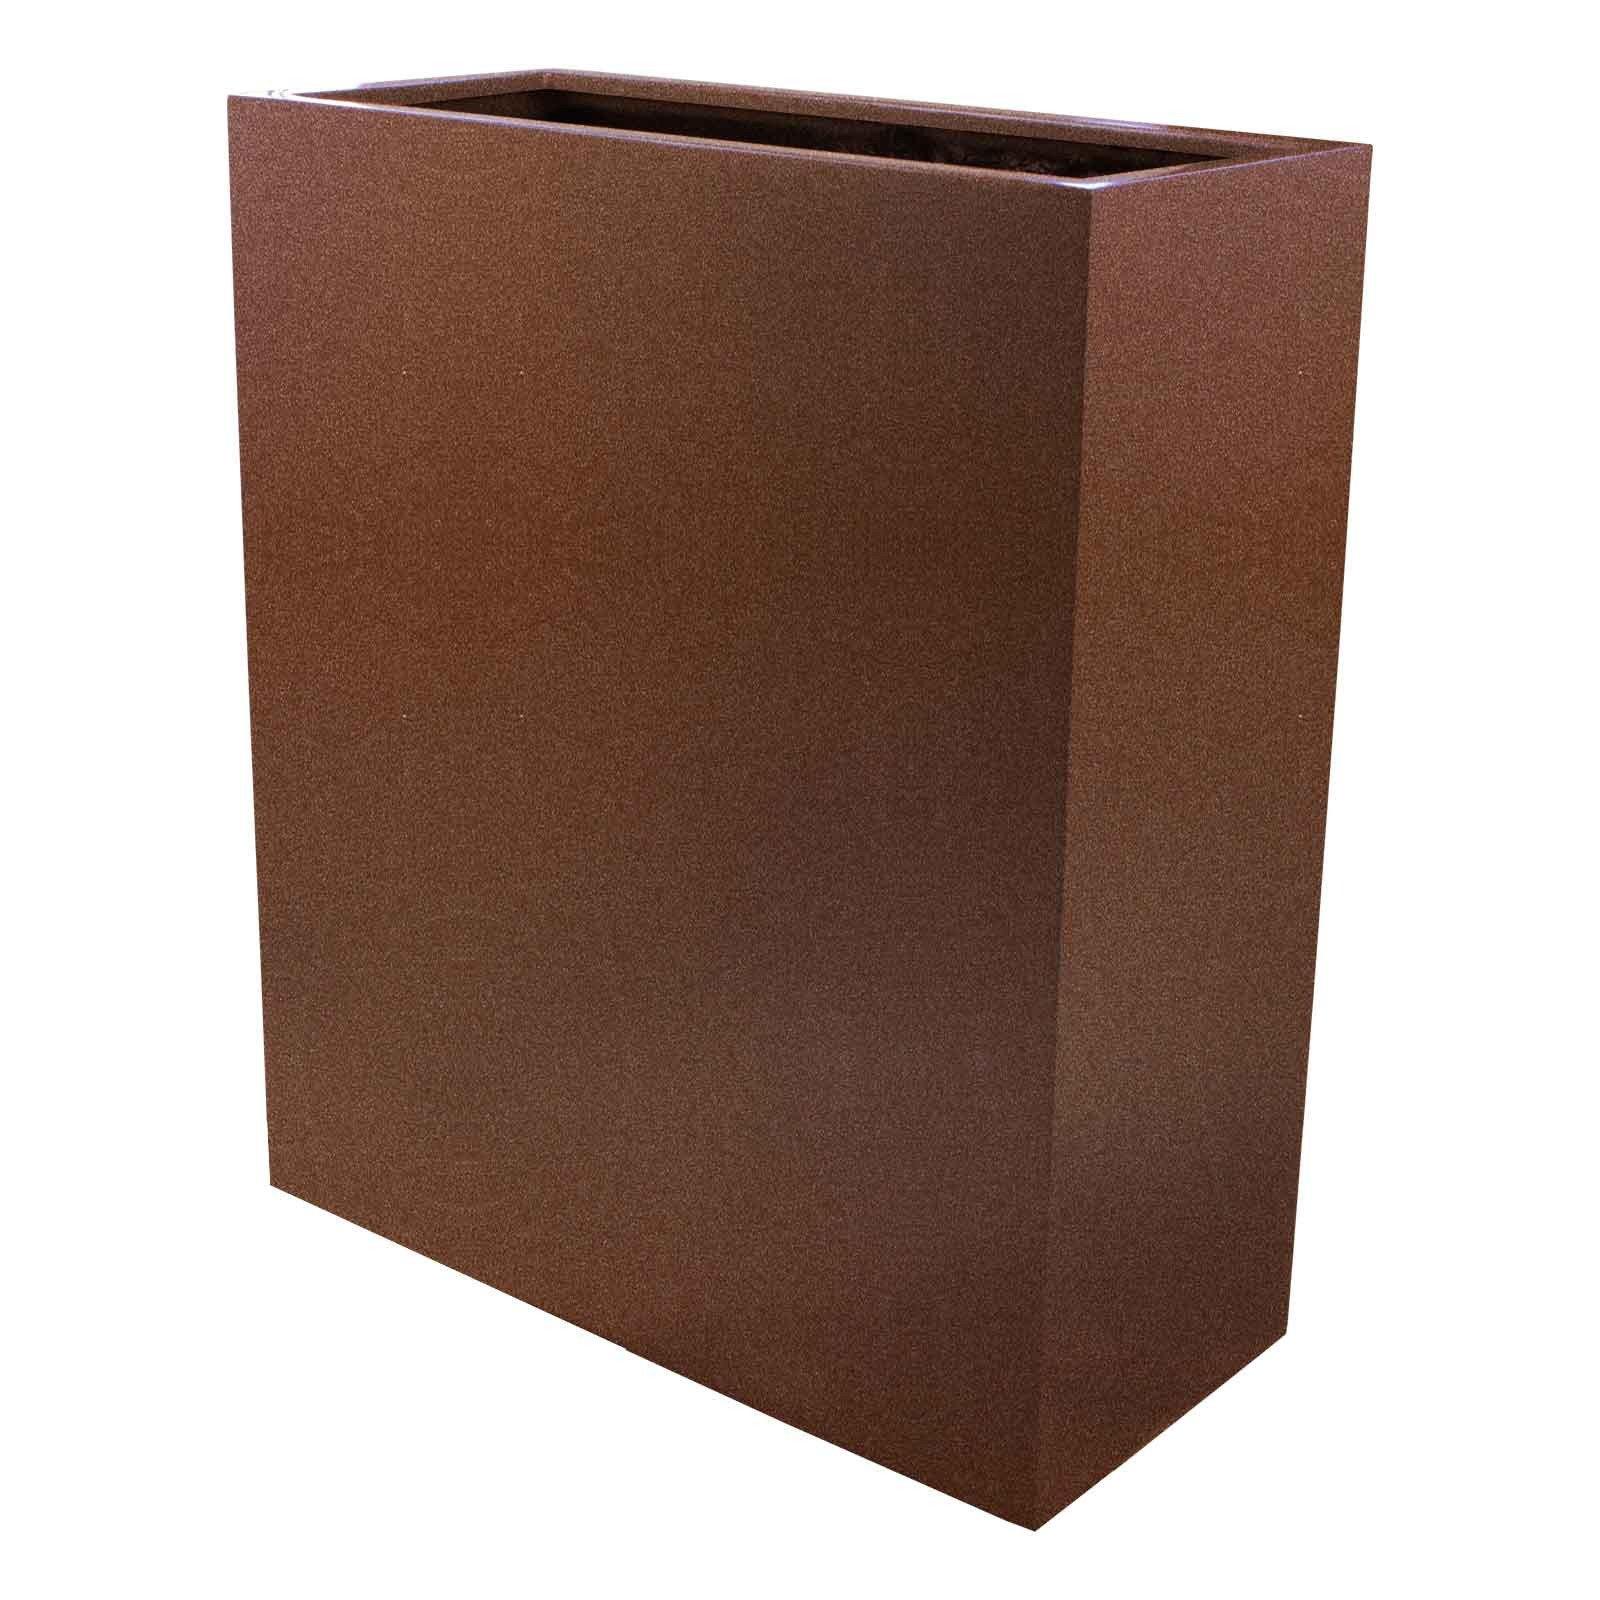 Tall Planter Boxes - Fiberglass - 42' Tall, (36'/48' Length; 16' Width)